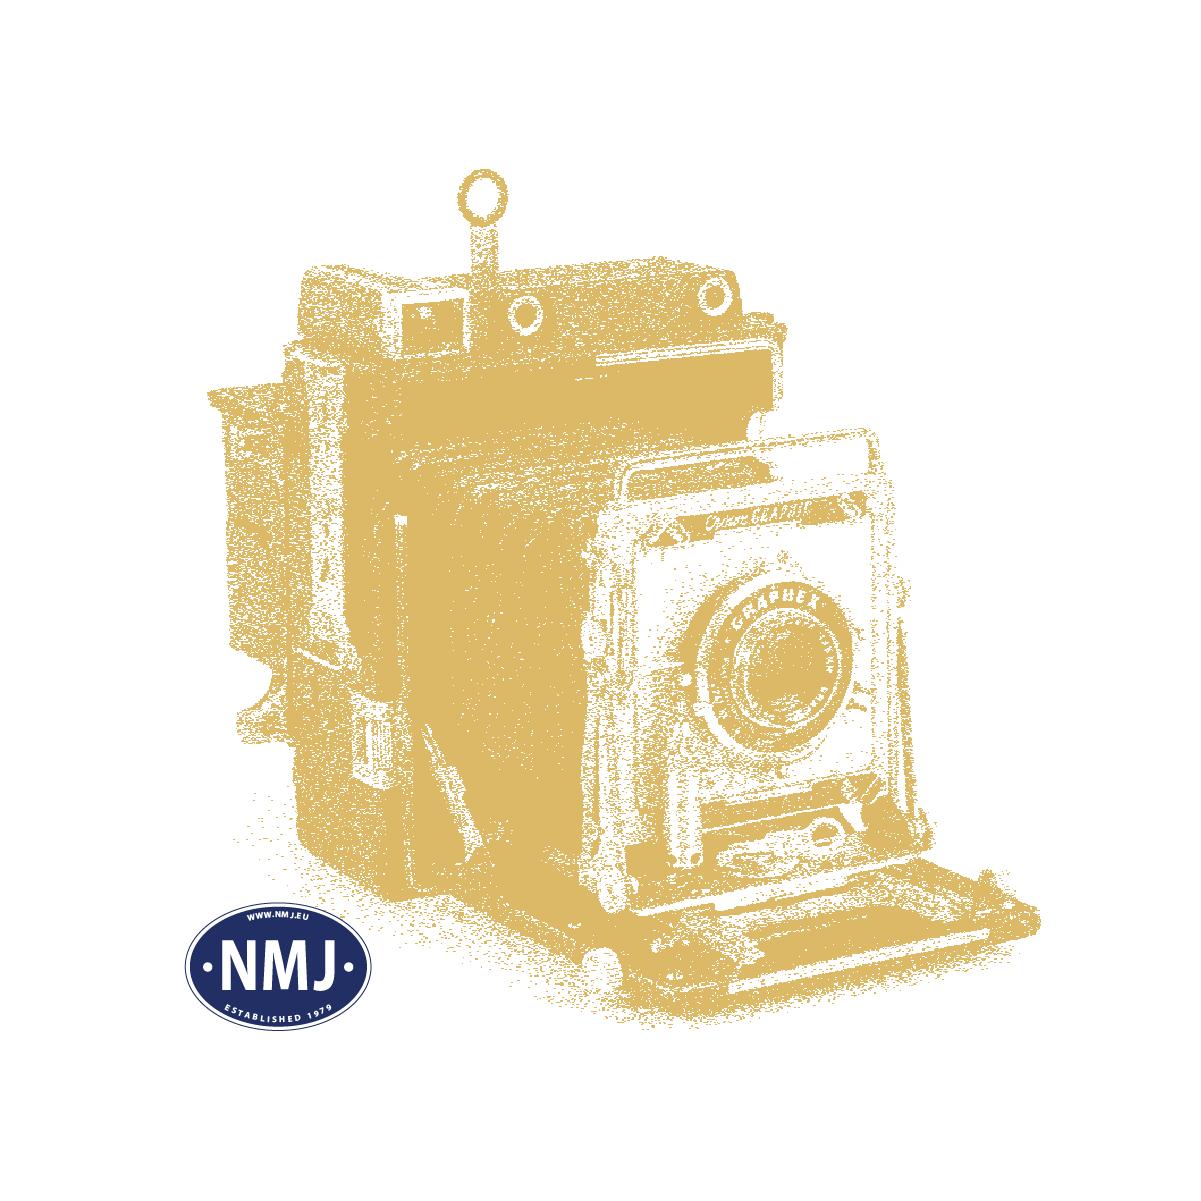 NMJB1140 - Pipett, 1 Ml, Pakke med 20 stk